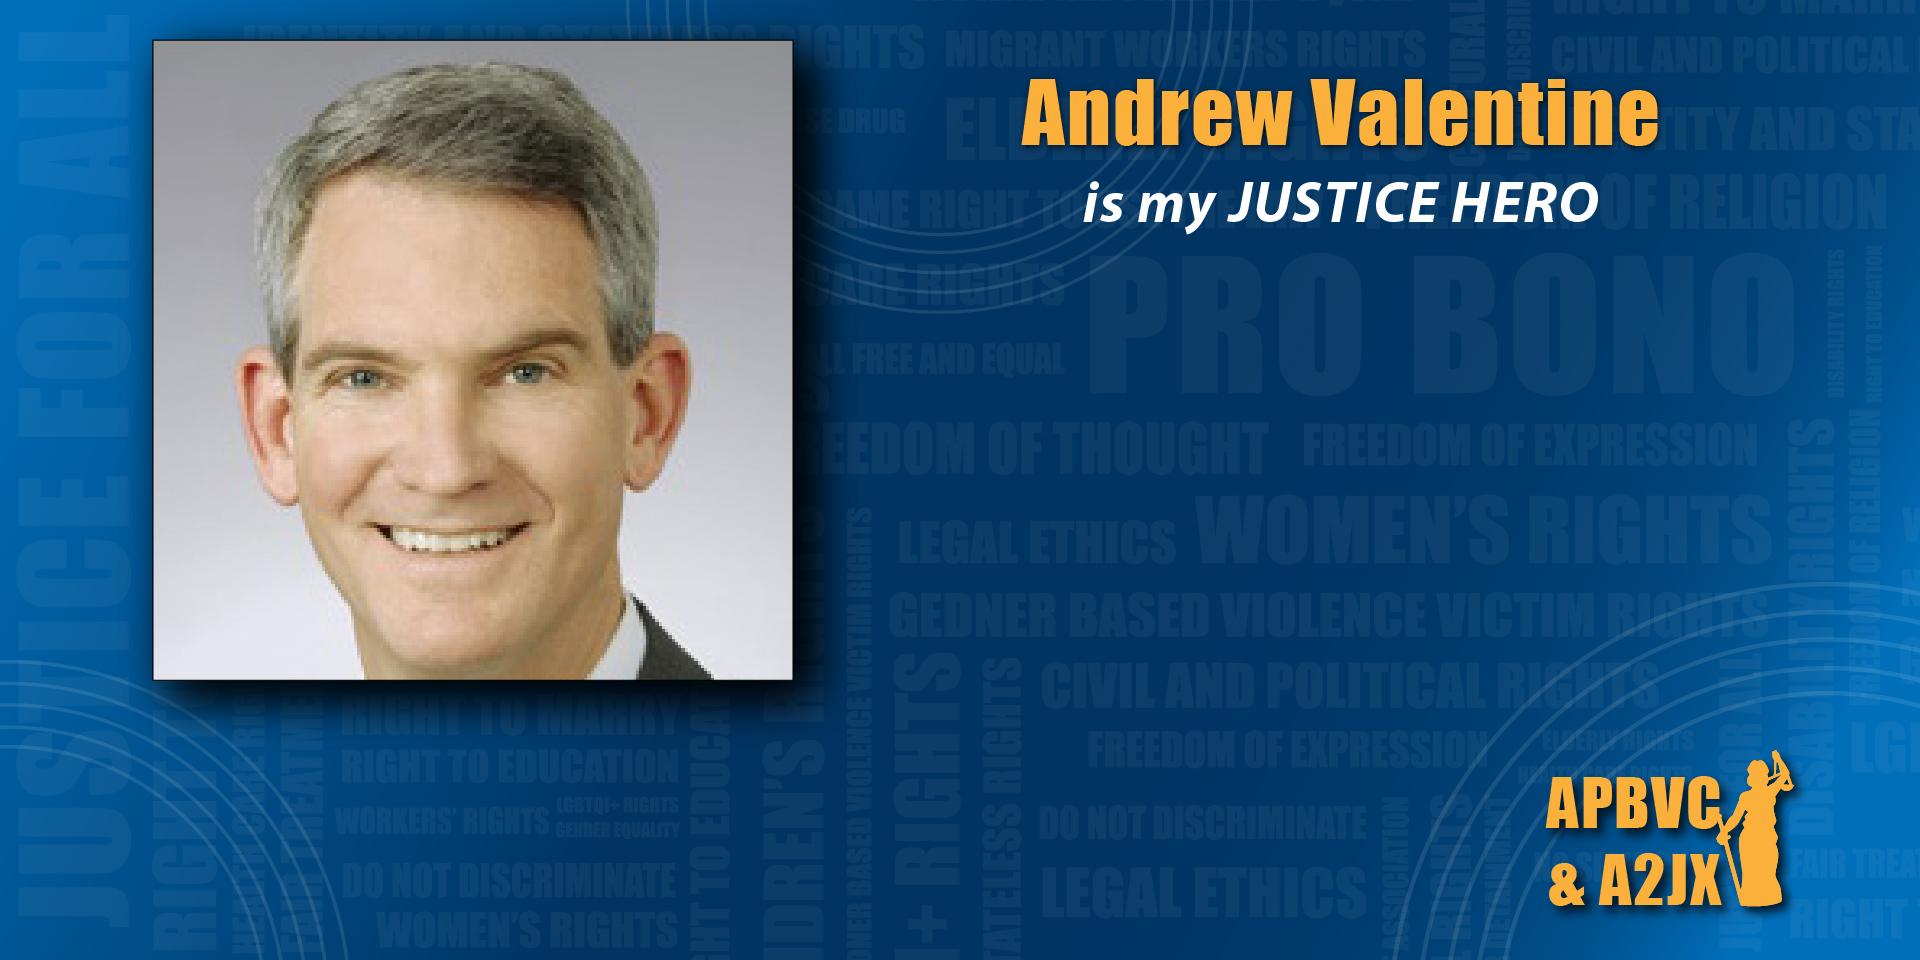 Andrew Valentine